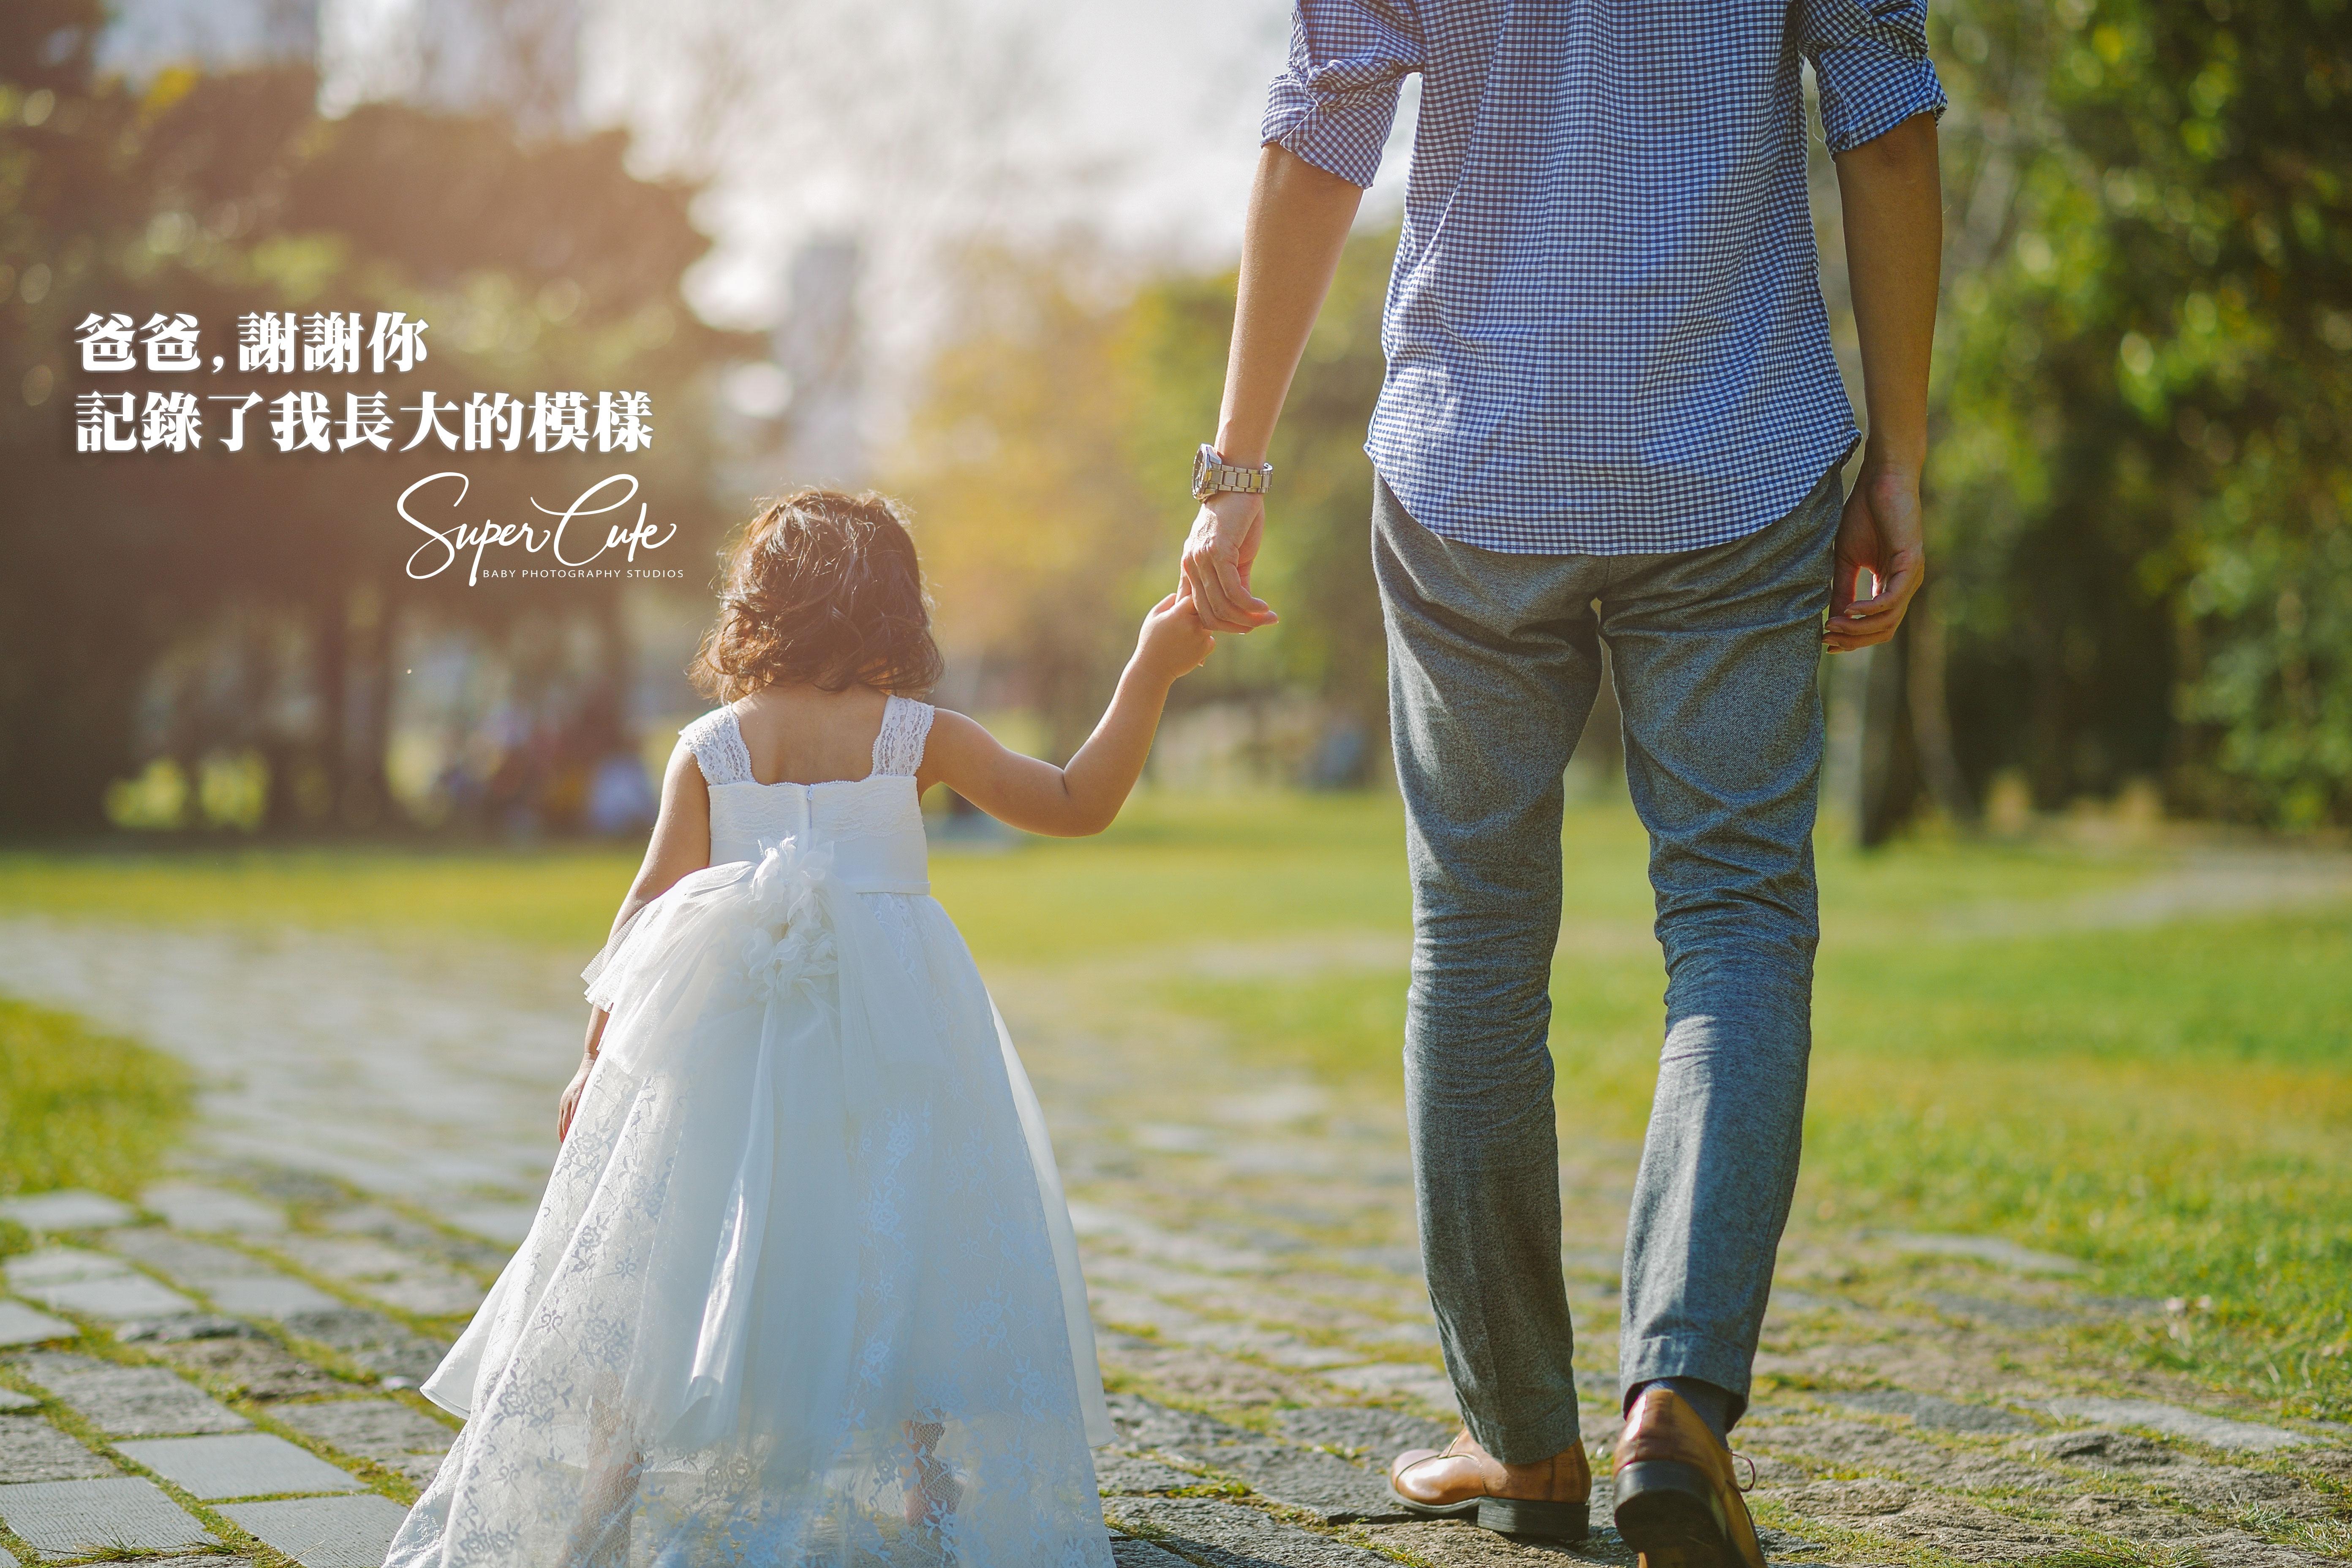 側錄,寶寶寫真,兒童寫真,親子寫真,全家福,寶寶,兒童,supercute,親子,棚拍,戶外,活動,baby,child,photo,phototherapy,自然風格,自然風,38婦女節,婦女節,婦女節兒童寫真,兒童寫真優惠,兒童寫真特價